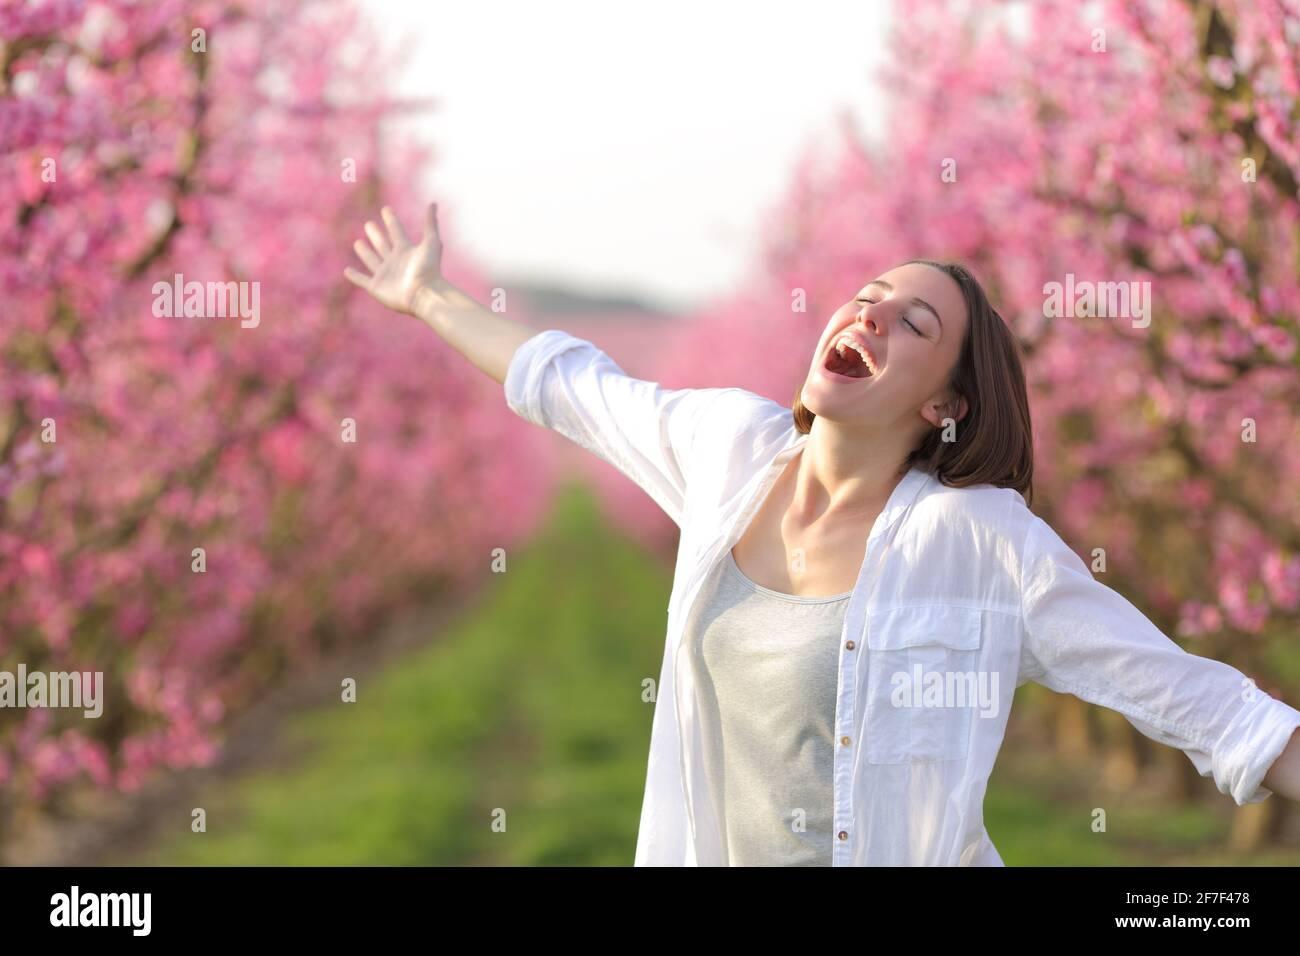 Donna eccitata che allunga le braccia celebrando la primavera e la vacanza in un campo fiorito rosa Foto Stock